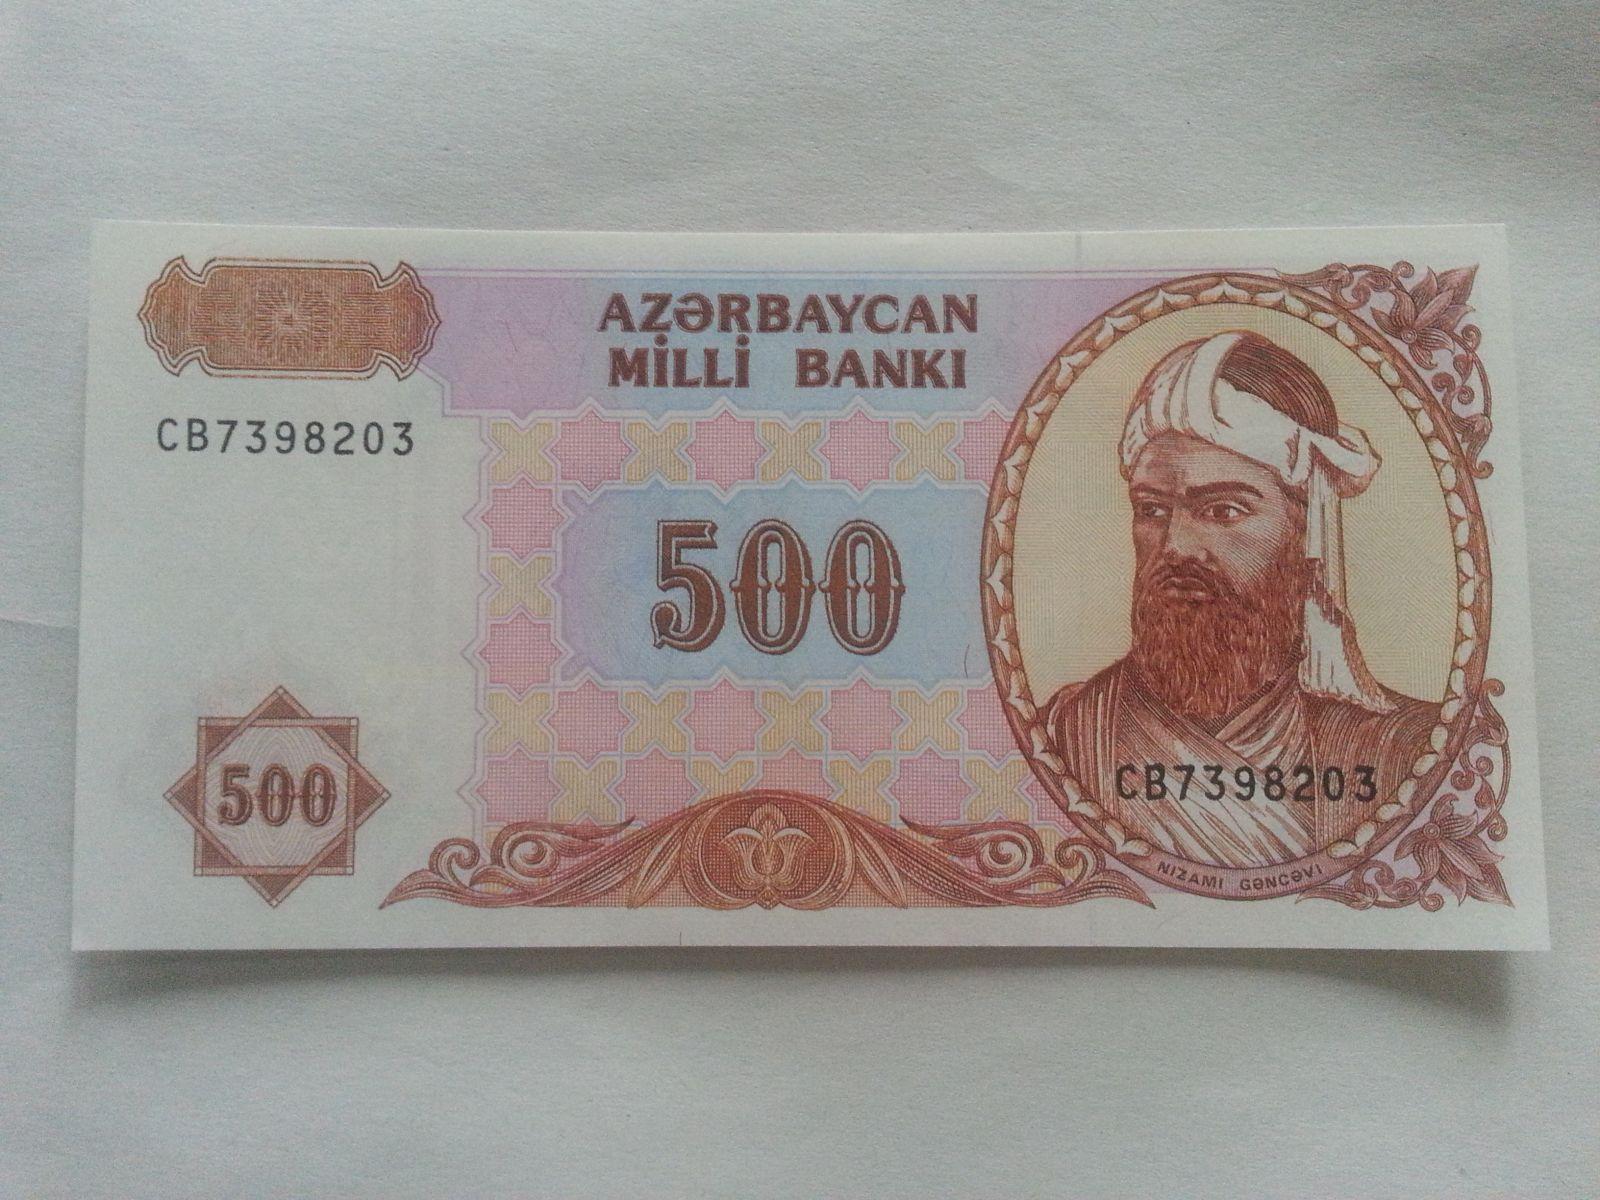 500 Manat, hnědá, Azerbajdžán